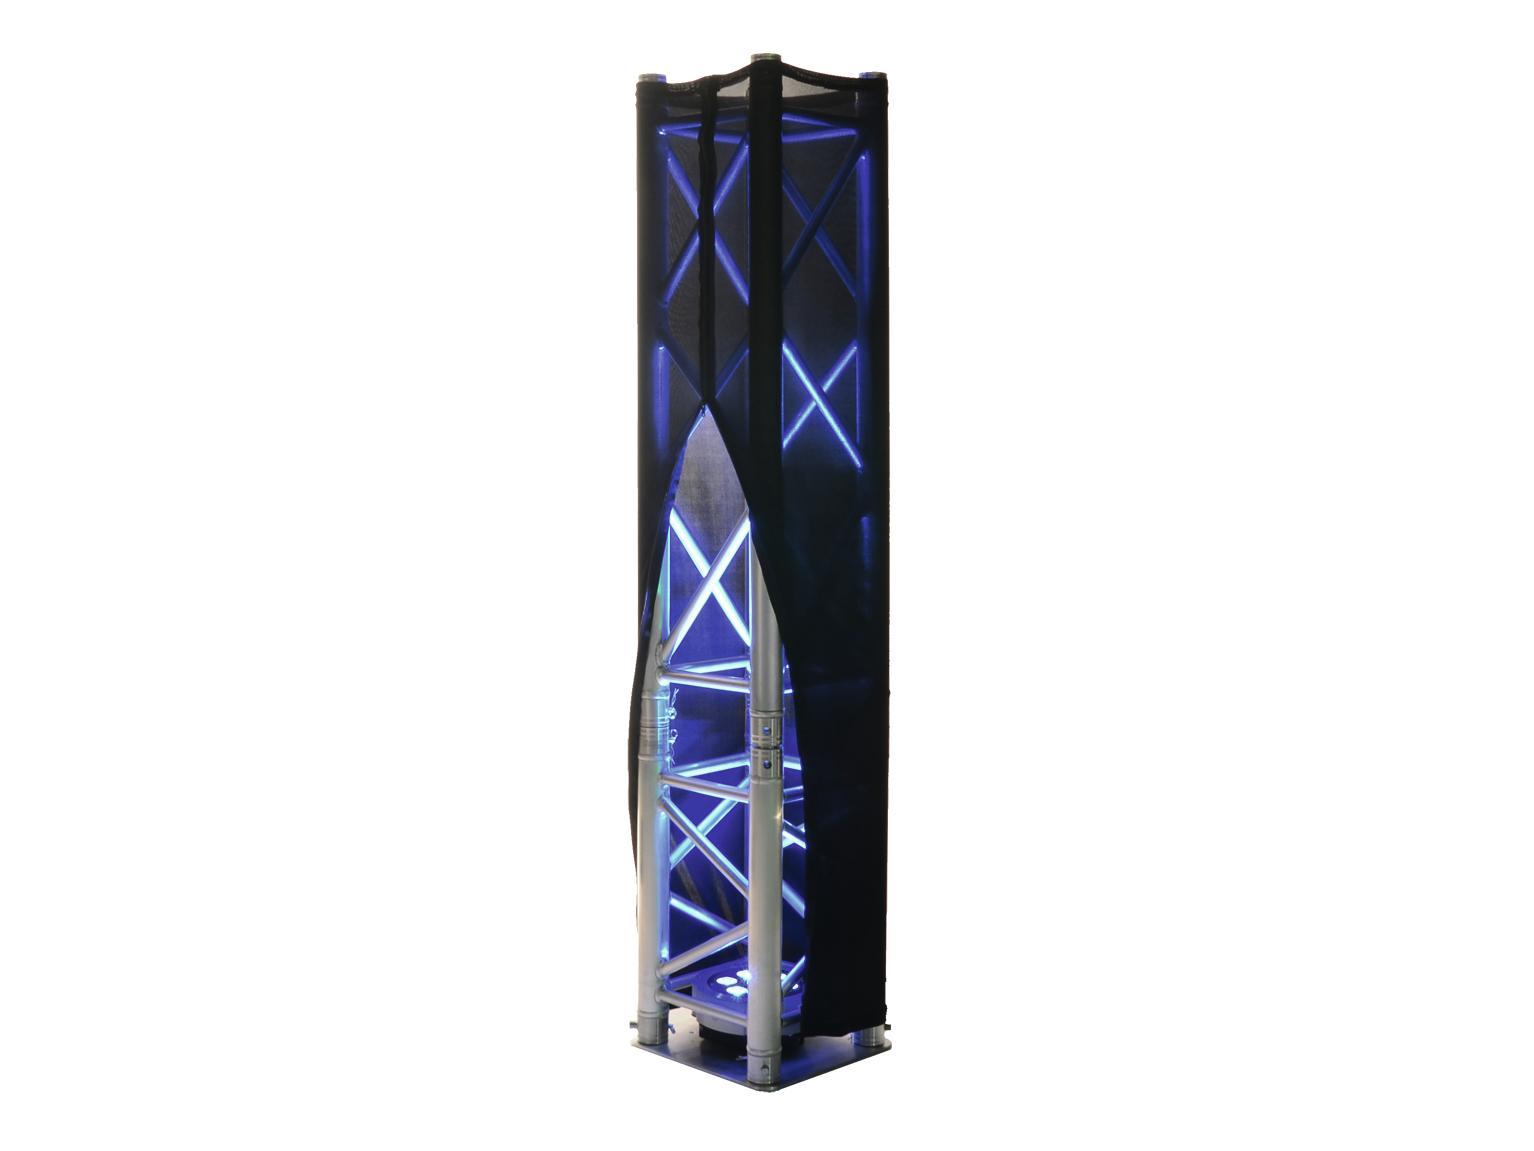 ESPANDERE XPTC10RVS Capriata di copertura 100cm nero